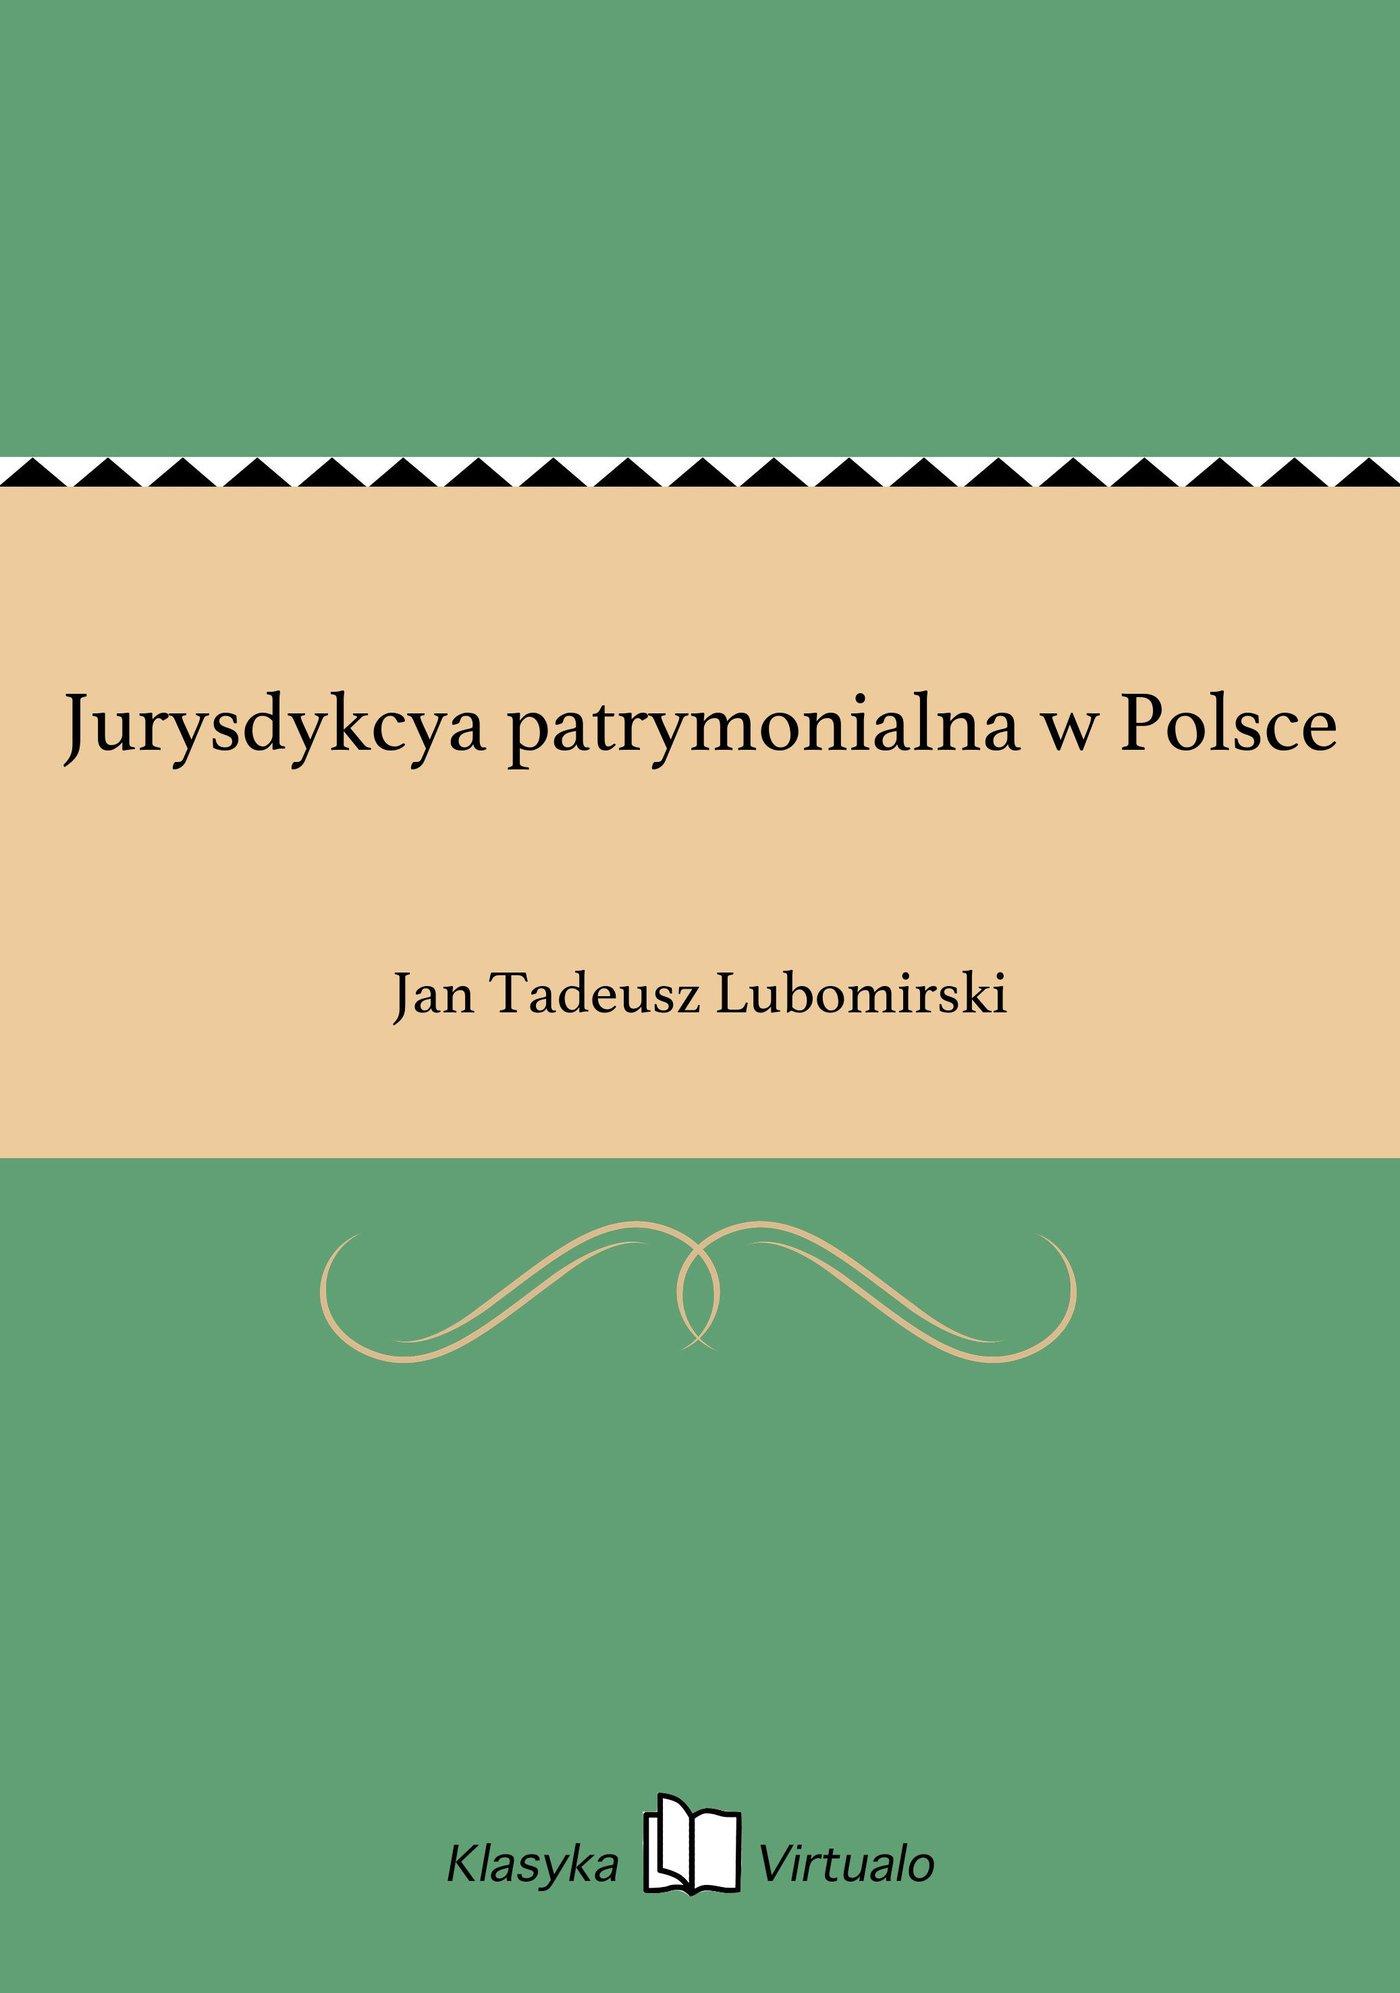 Jurysdykcya patrymonialna w Polsce - Ebook (Książka na Kindle) do pobrania w formacie MOBI